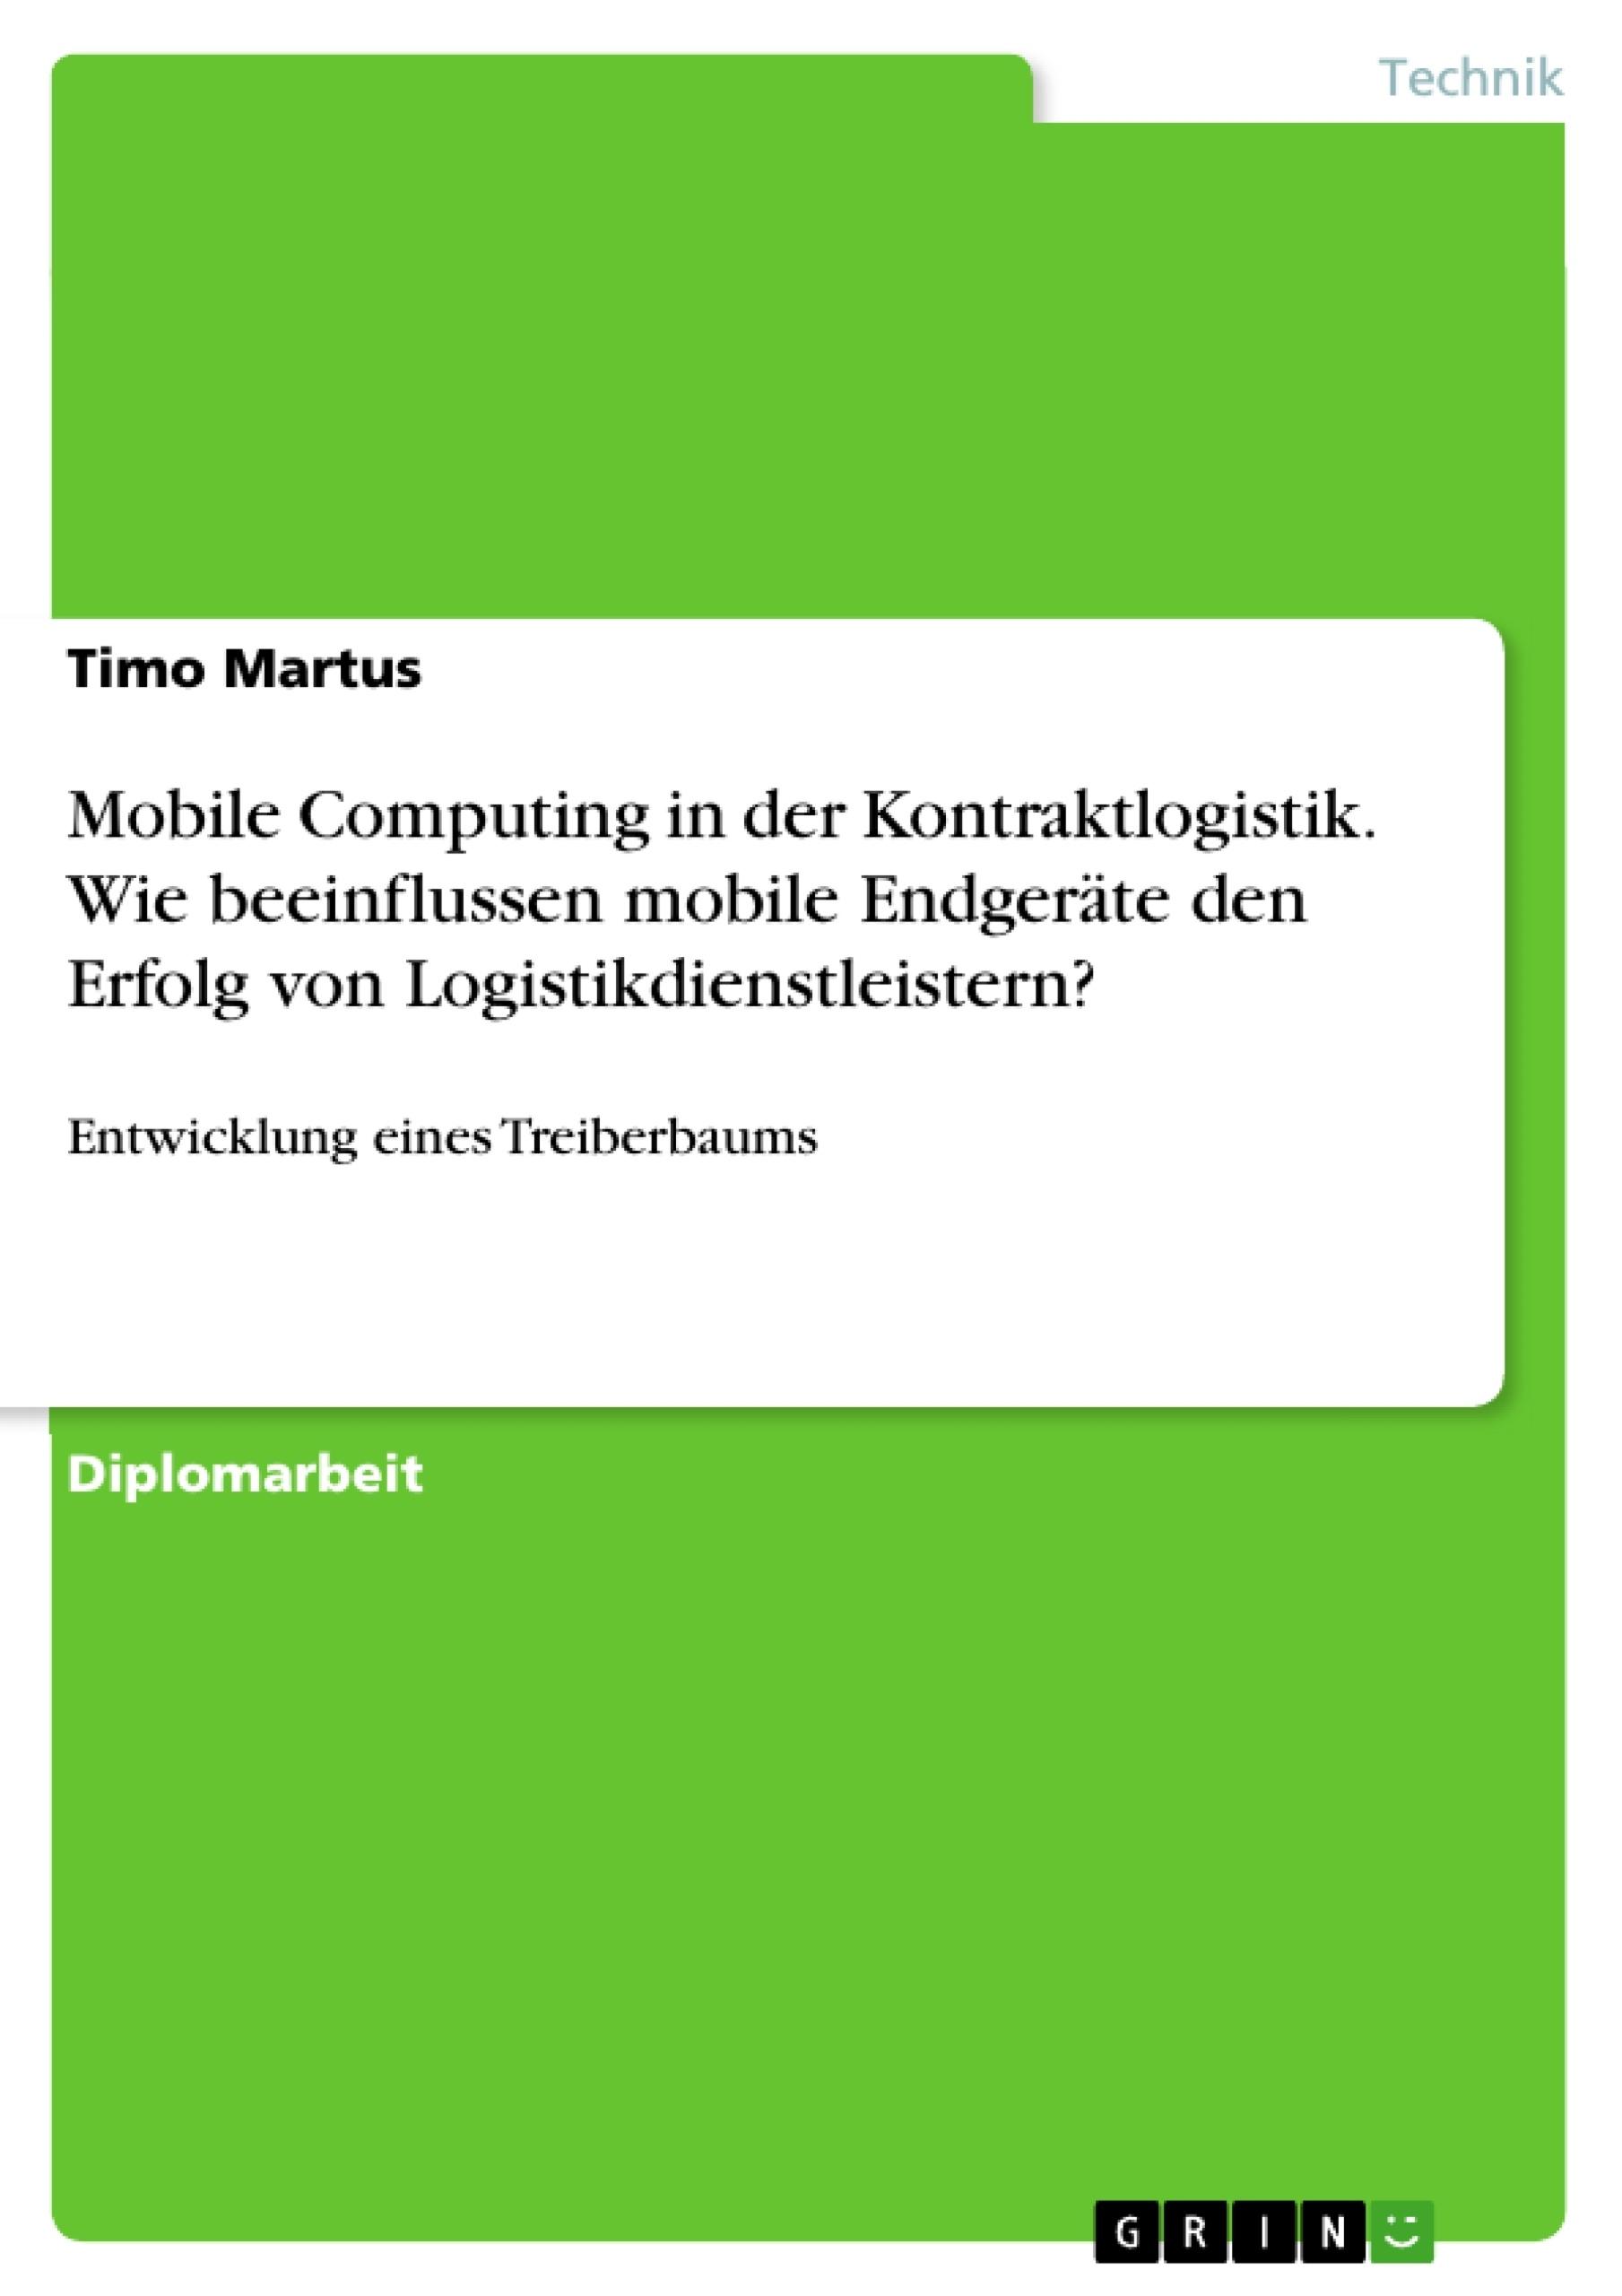 Titel: Mobile Computing in der Kontraktlogistik. Wie beeinflussen mobile Endgeräte den Erfolg von Logistikdienstleistern?